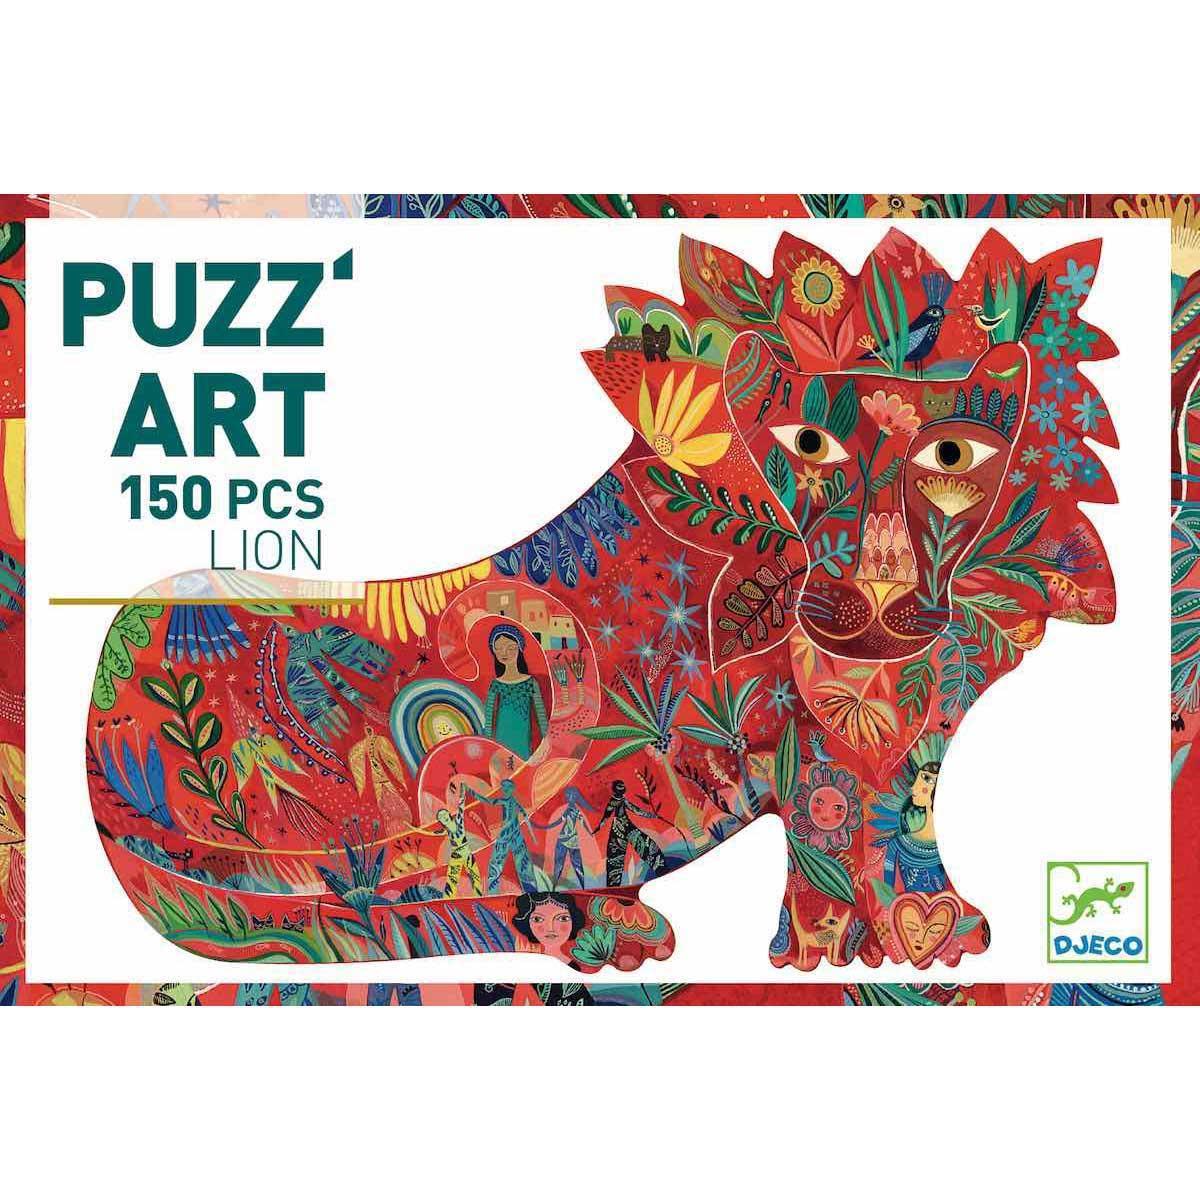 Puzzle PUZZ' ART LION FIER 150 PCES